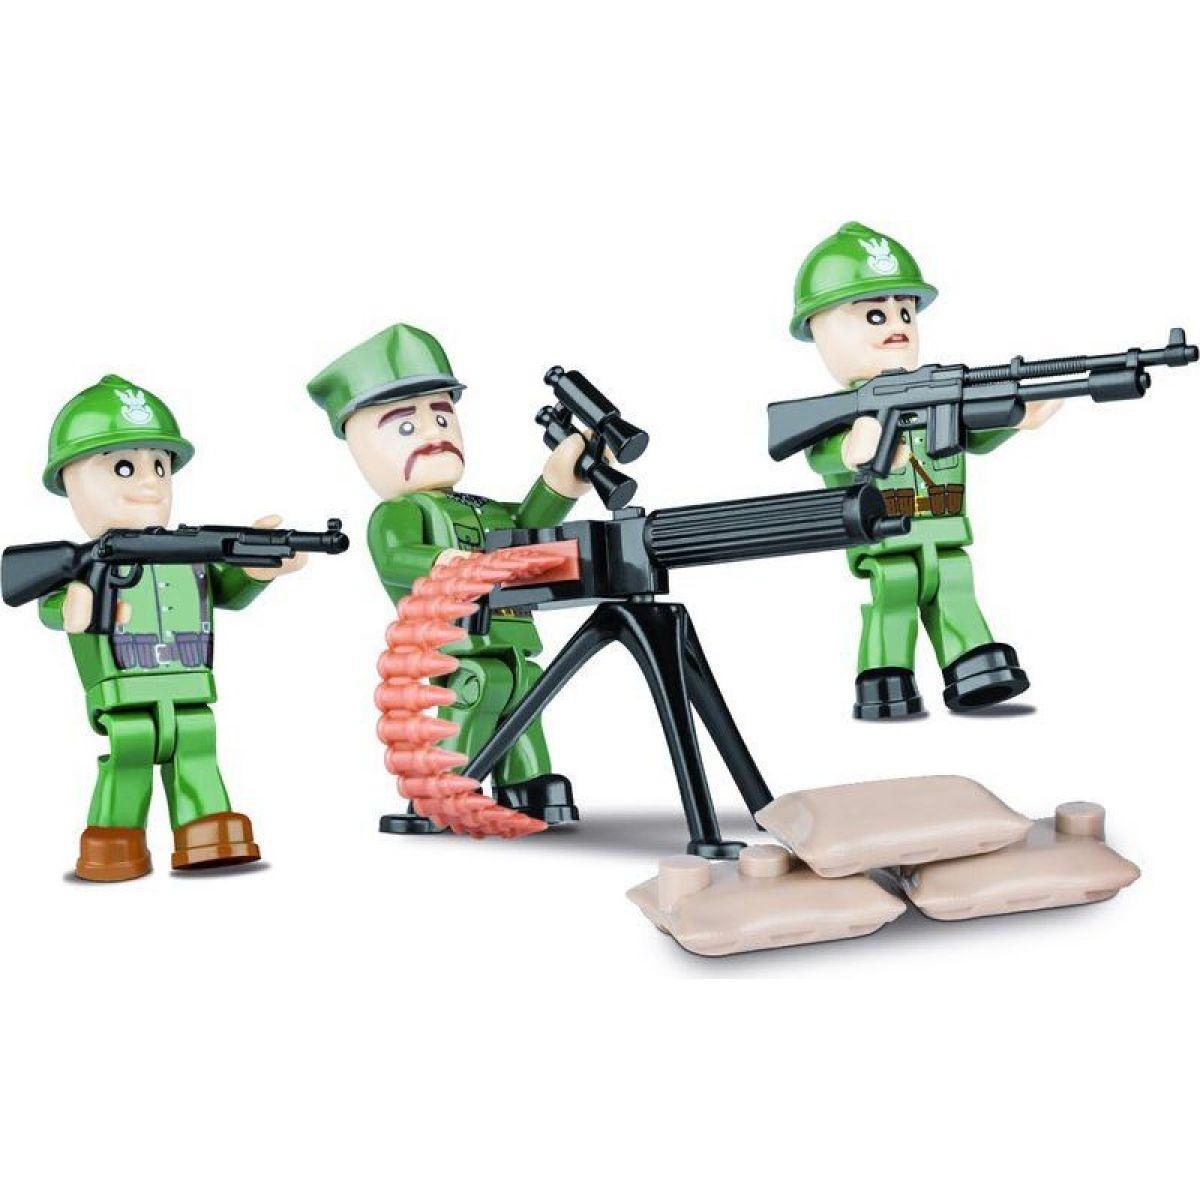 Cobi 2029 Malá armáda 3 figurky s doplňky Polská armáda